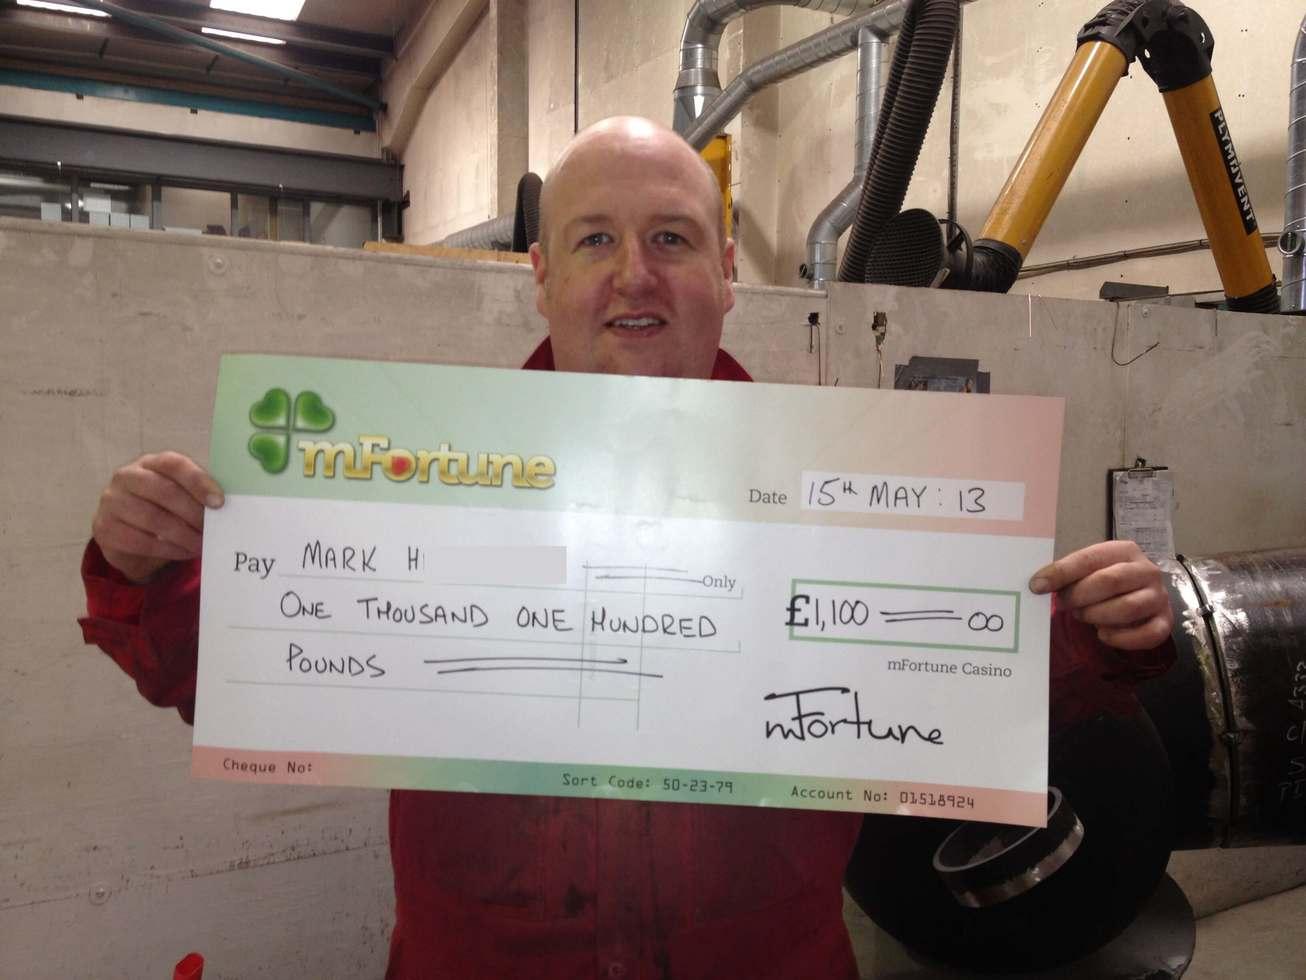 Mark H won £ 1,100